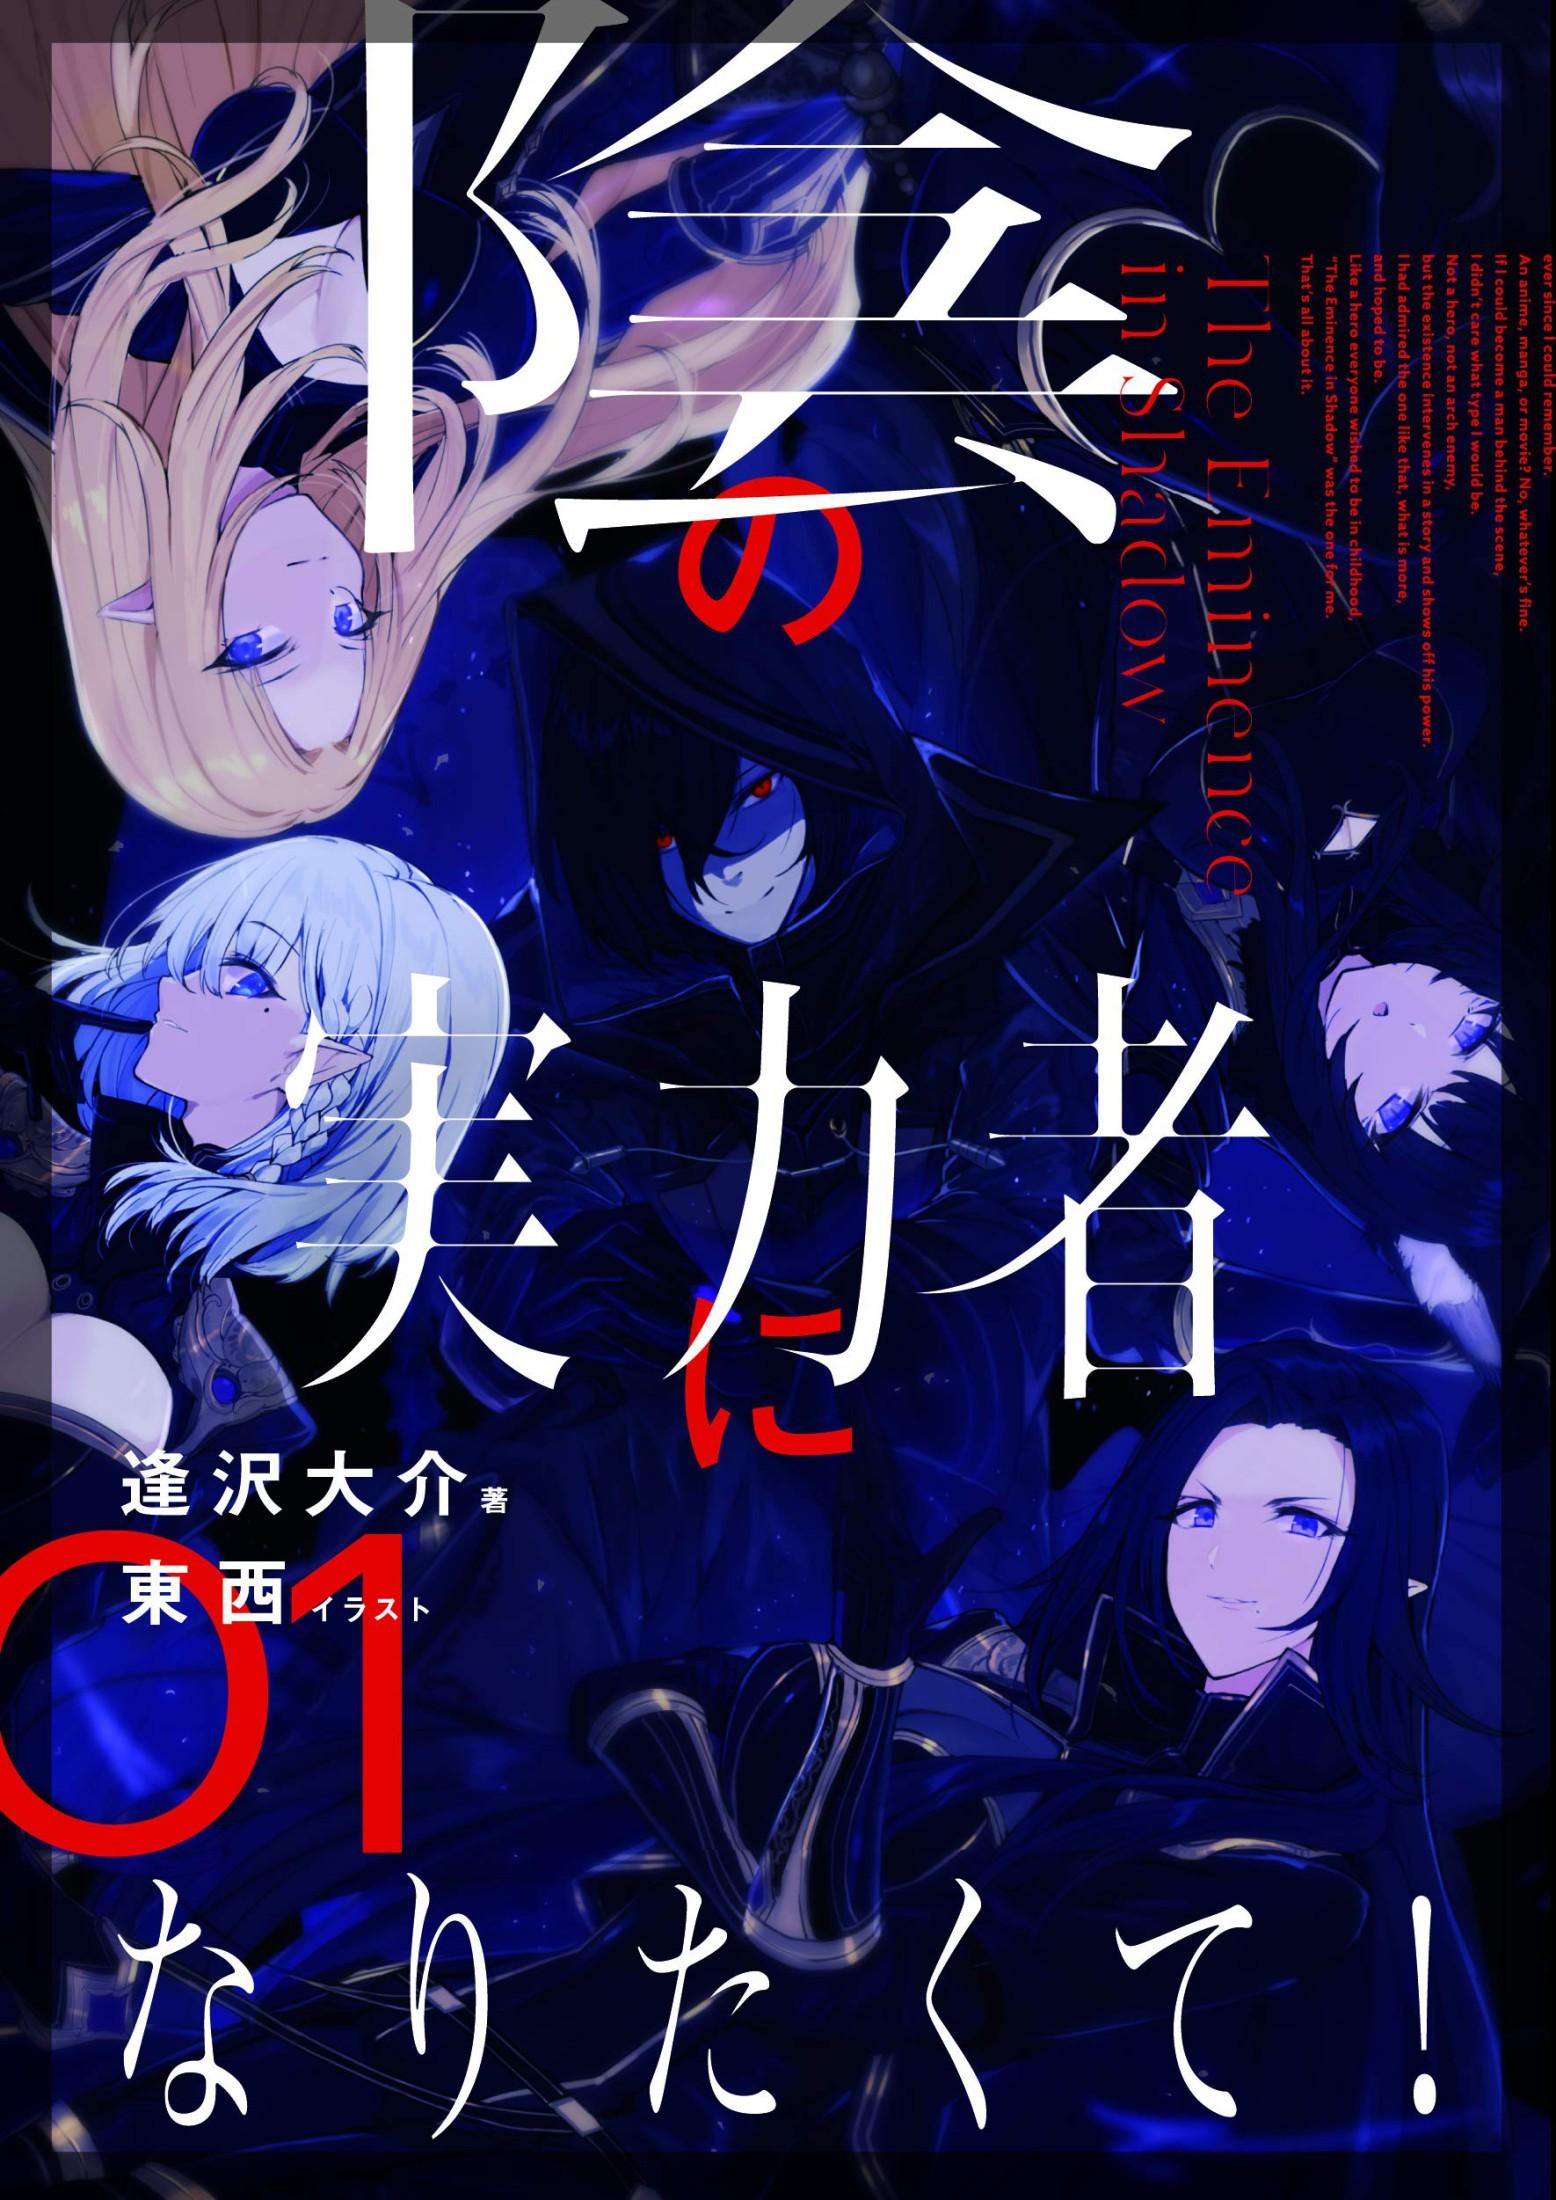 To Be a Power in the Shadows! - Arc 1 - Akasatana.jpg